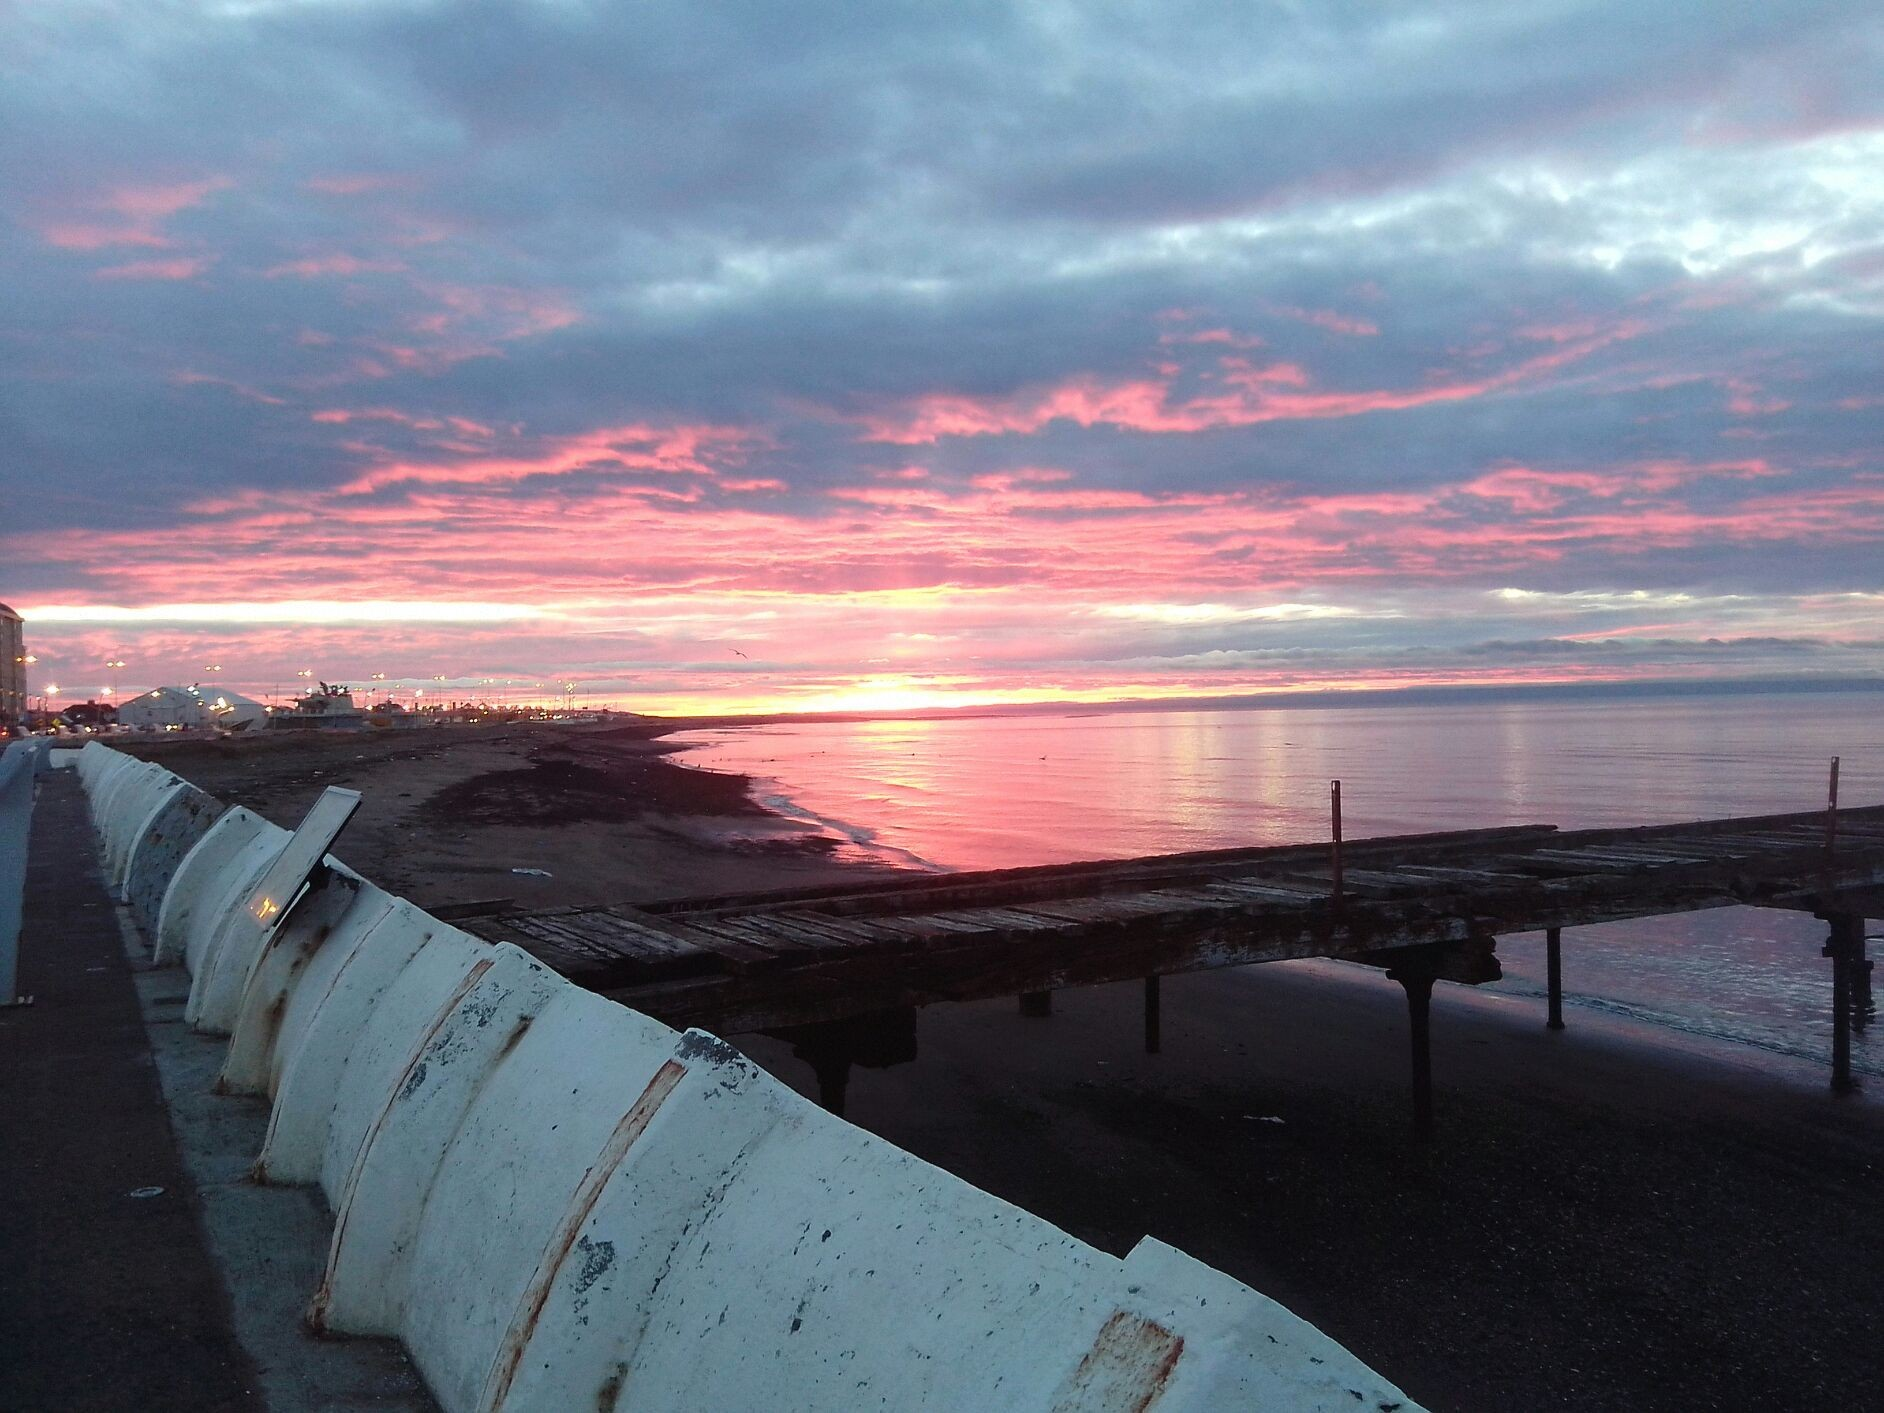 Amanecer en Punta Arenas, costanera del estrecho de Magallanes